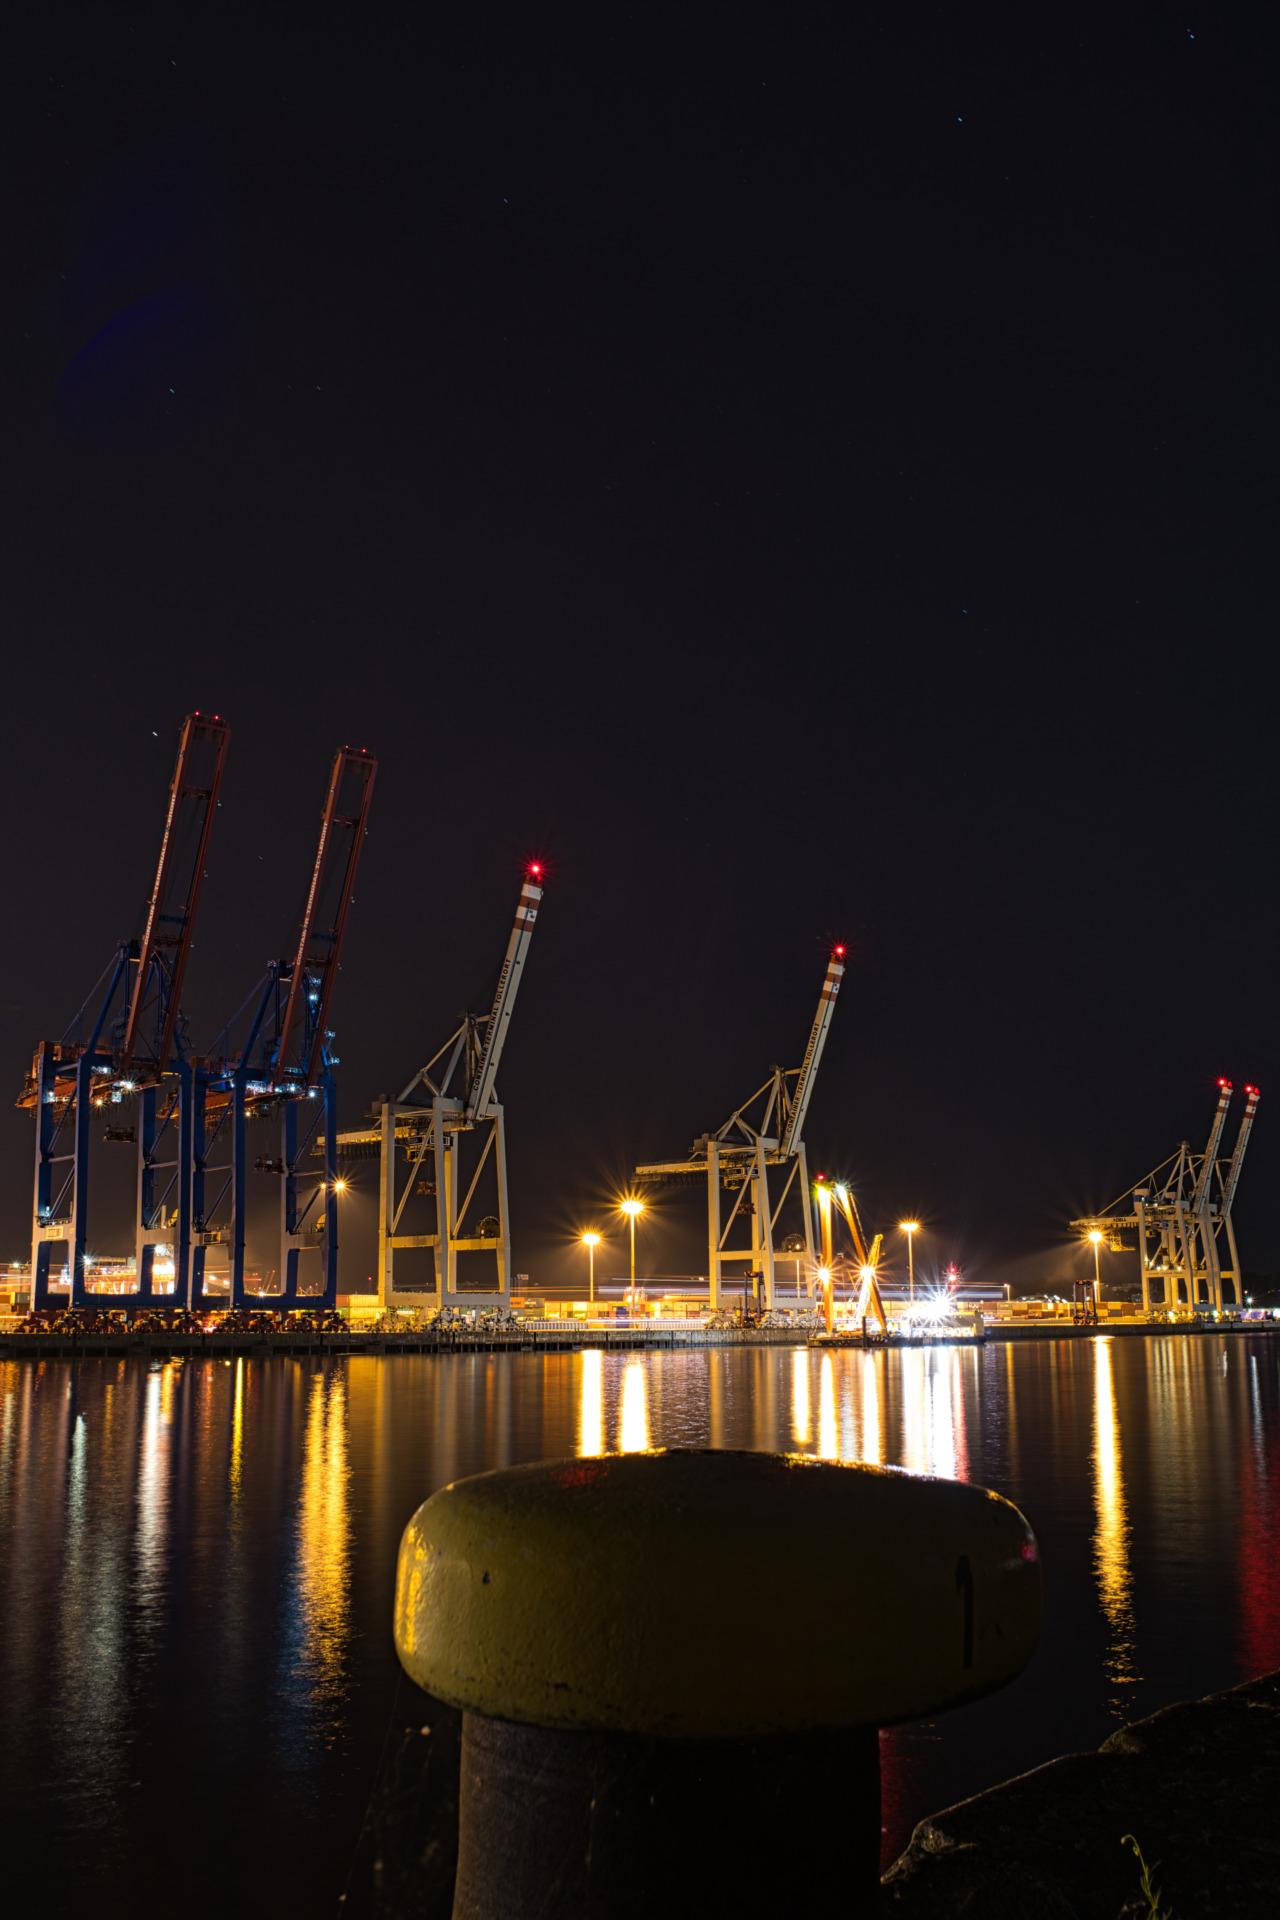 Steinwerderhafen